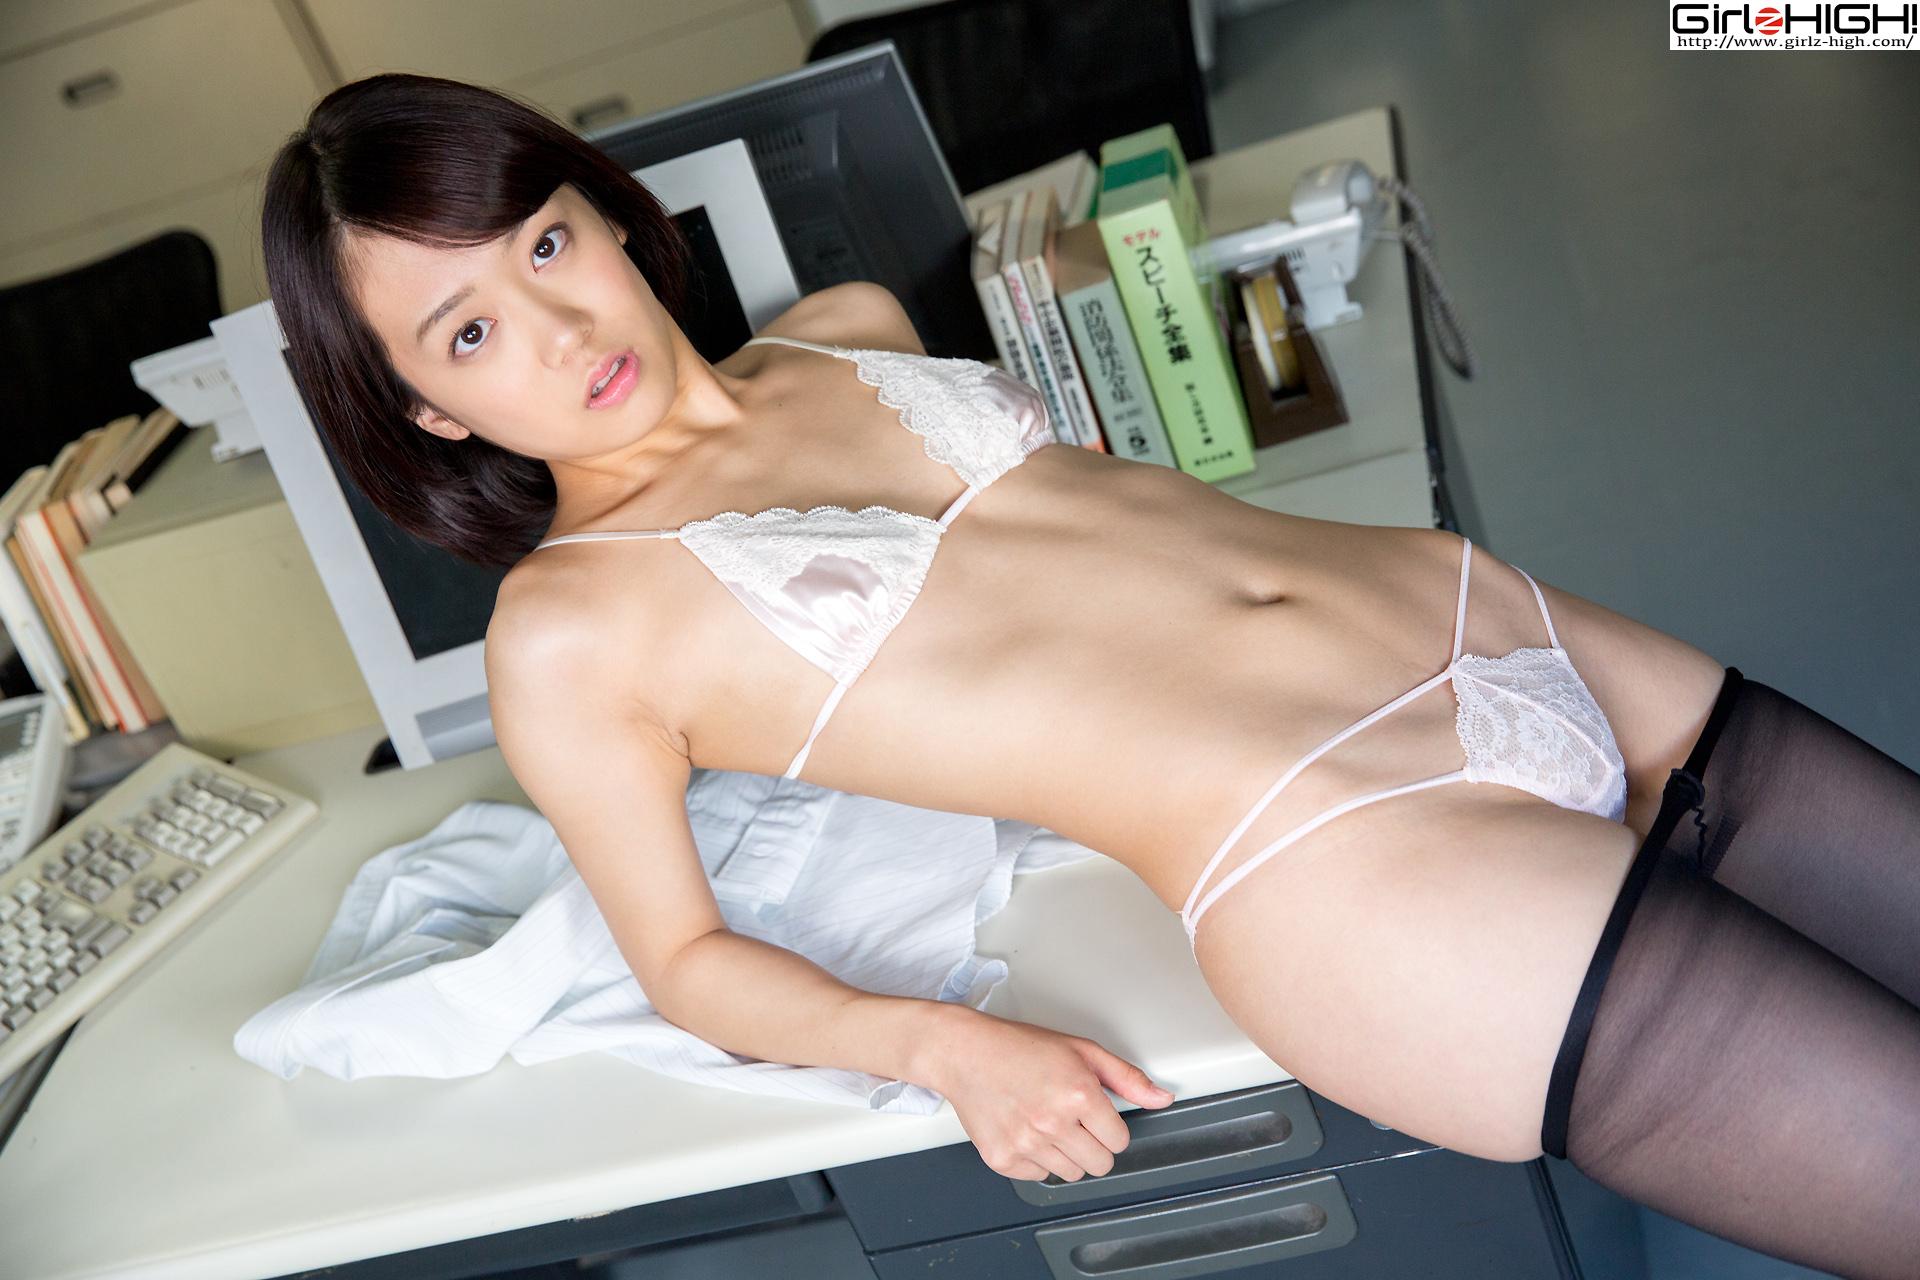 girl z high koharu [Girlz-High] Koharu Nishino – bkoh_005_001 [21.1 Mb]